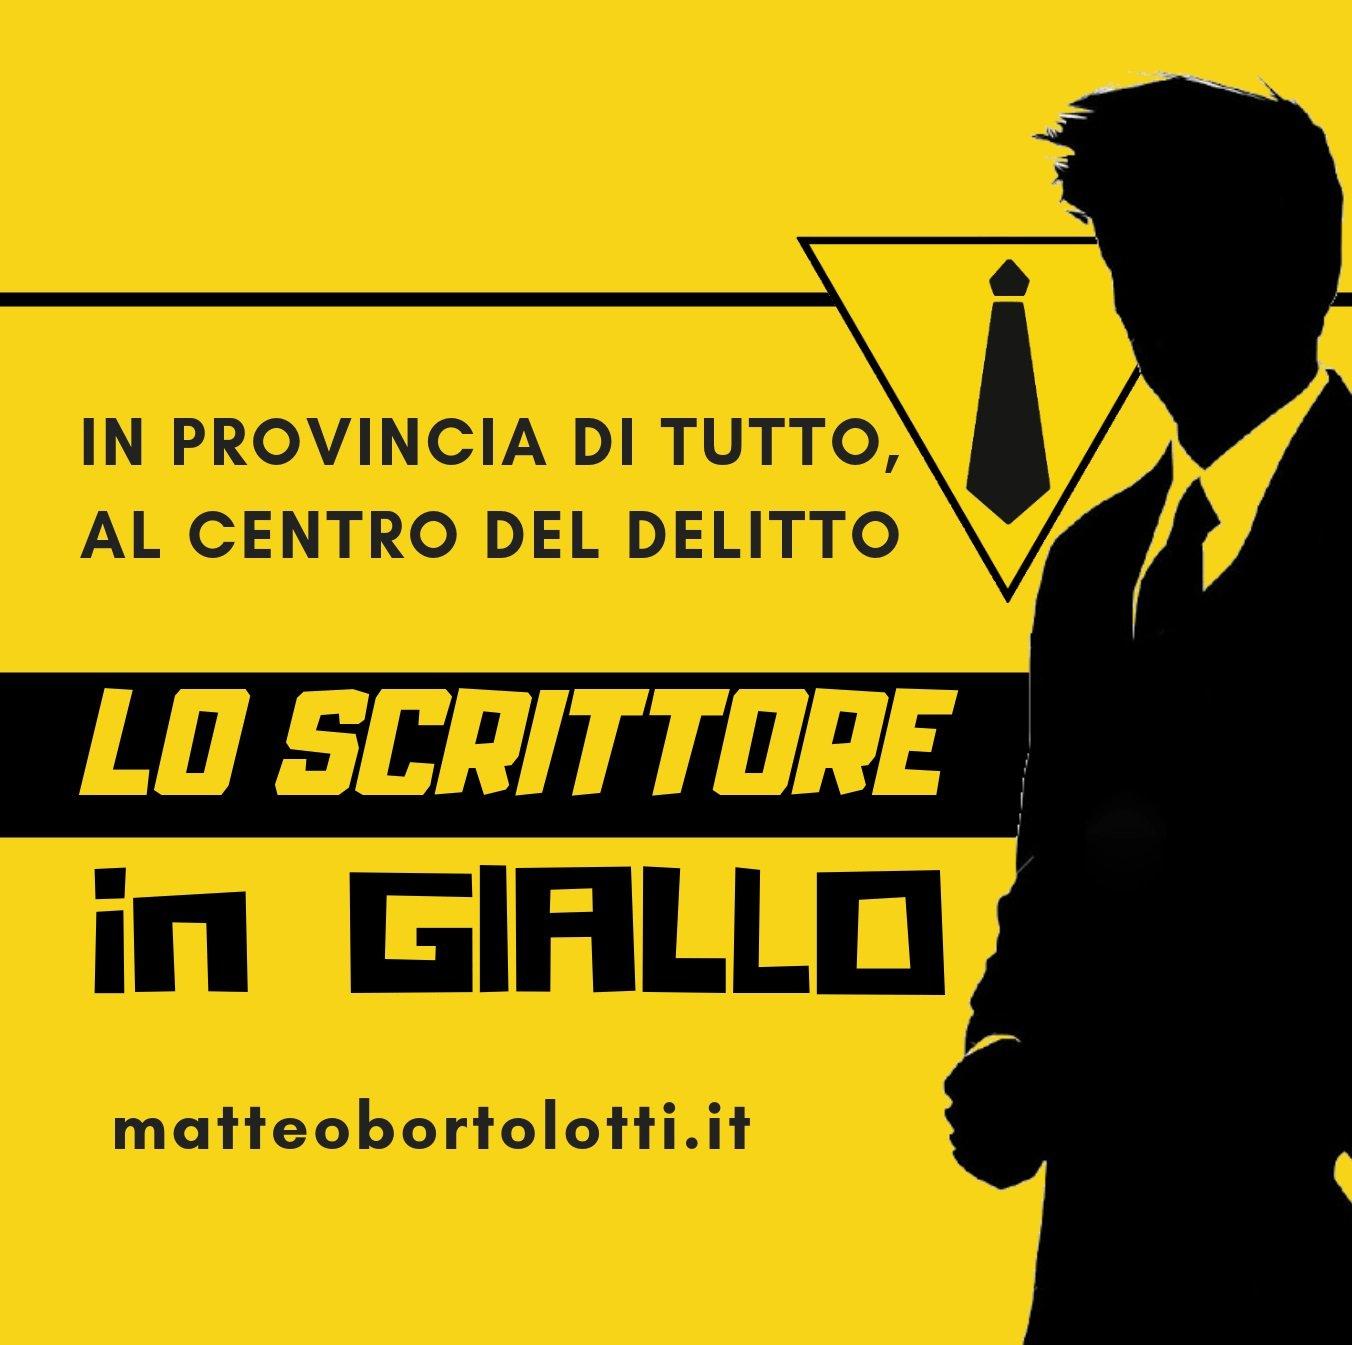 Il talento di Bartolo Matteotti